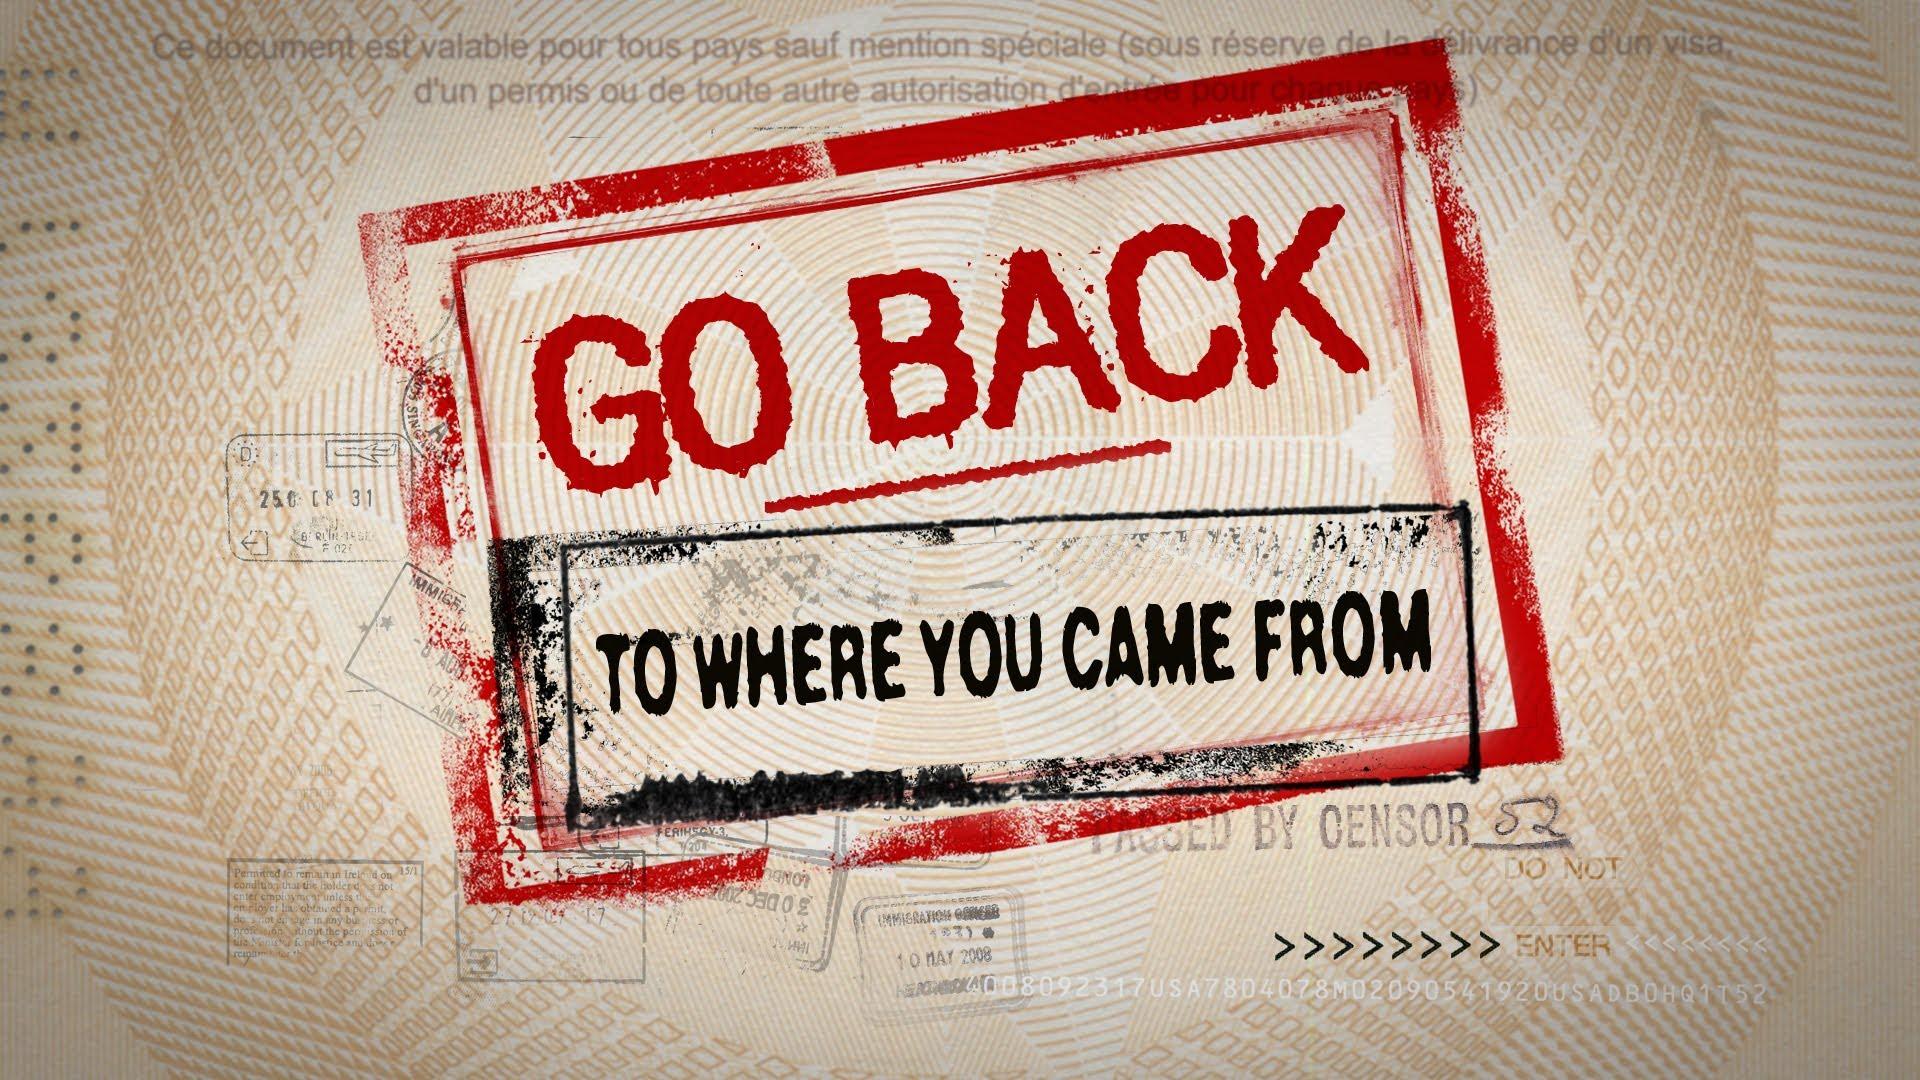 GoBackToWhereYouCameFrom-S1-Card.jpg